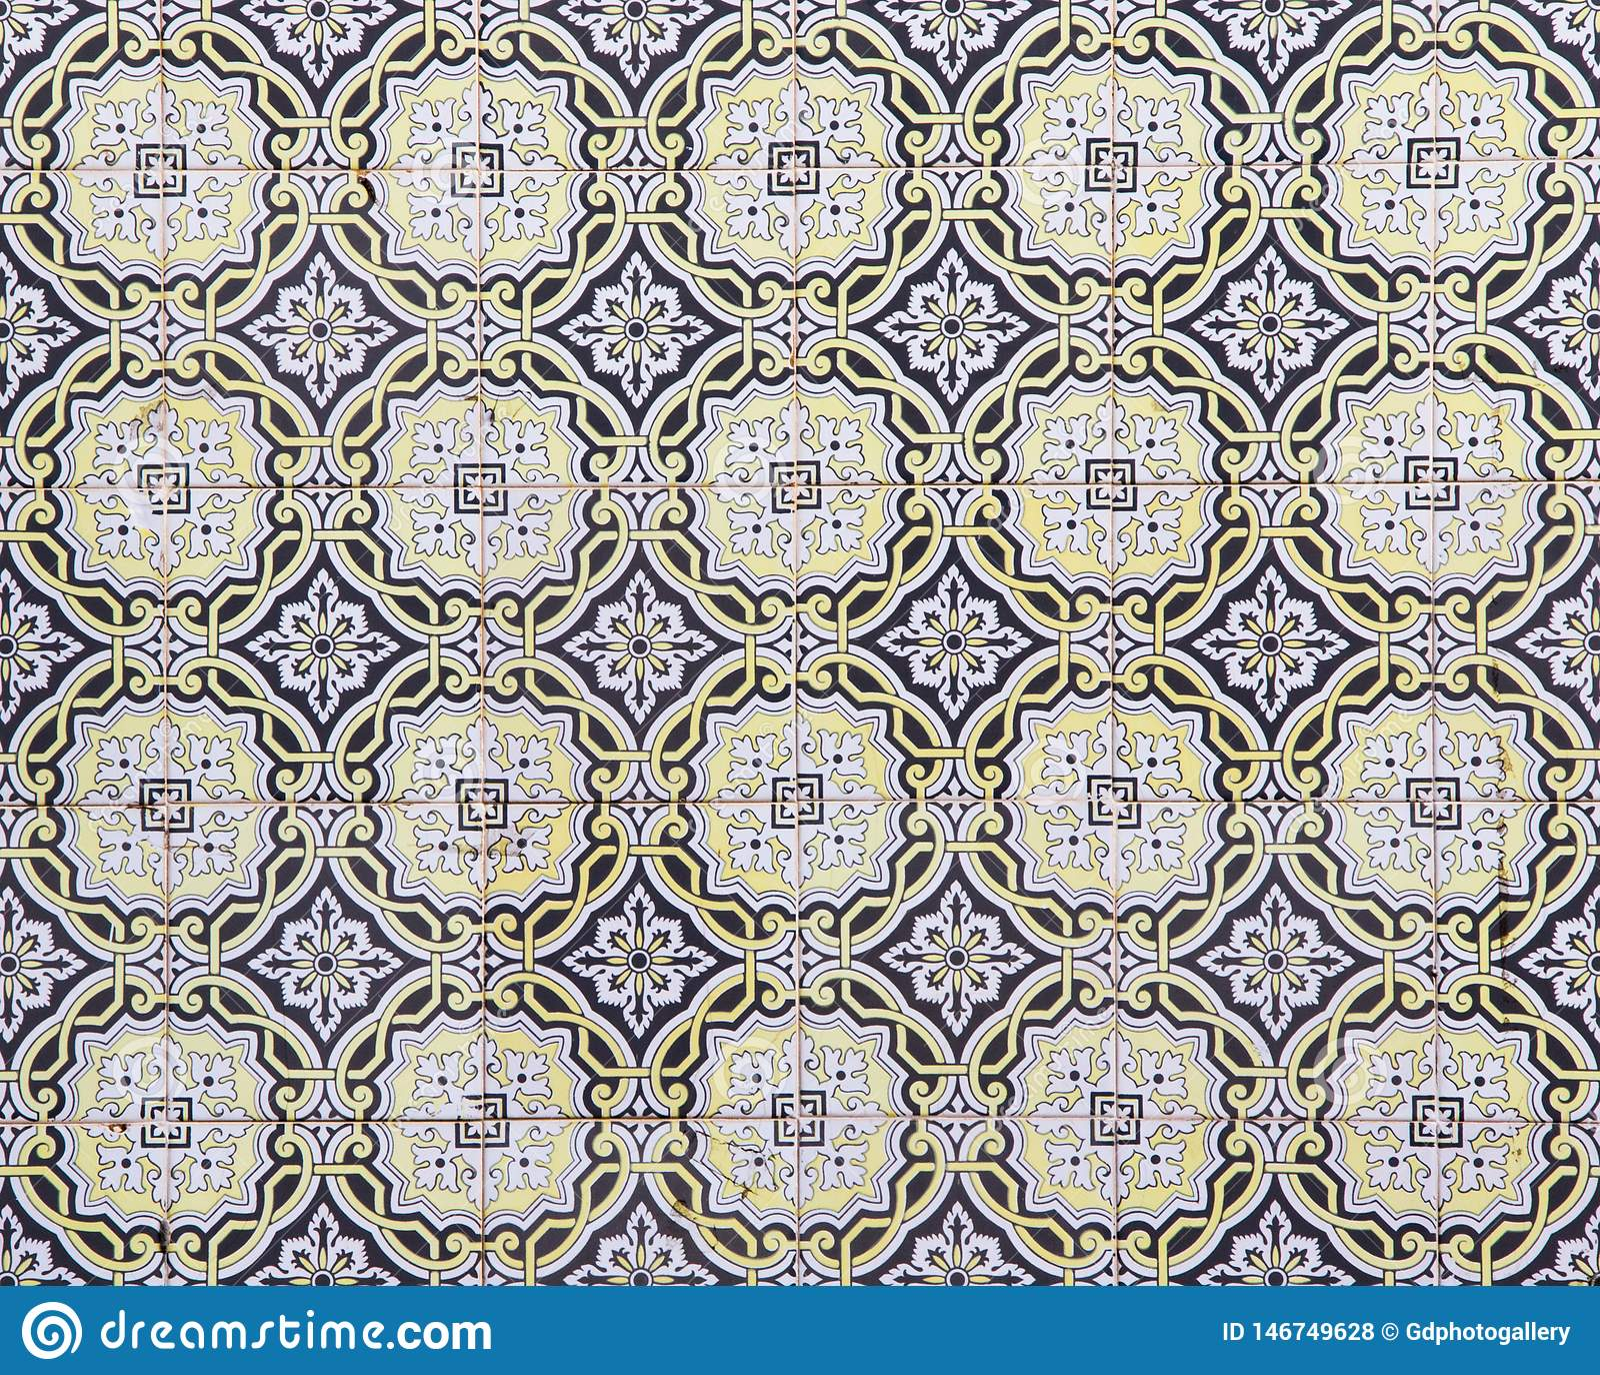 Piastrelle di ceramica portoghesi tradizionali, modello